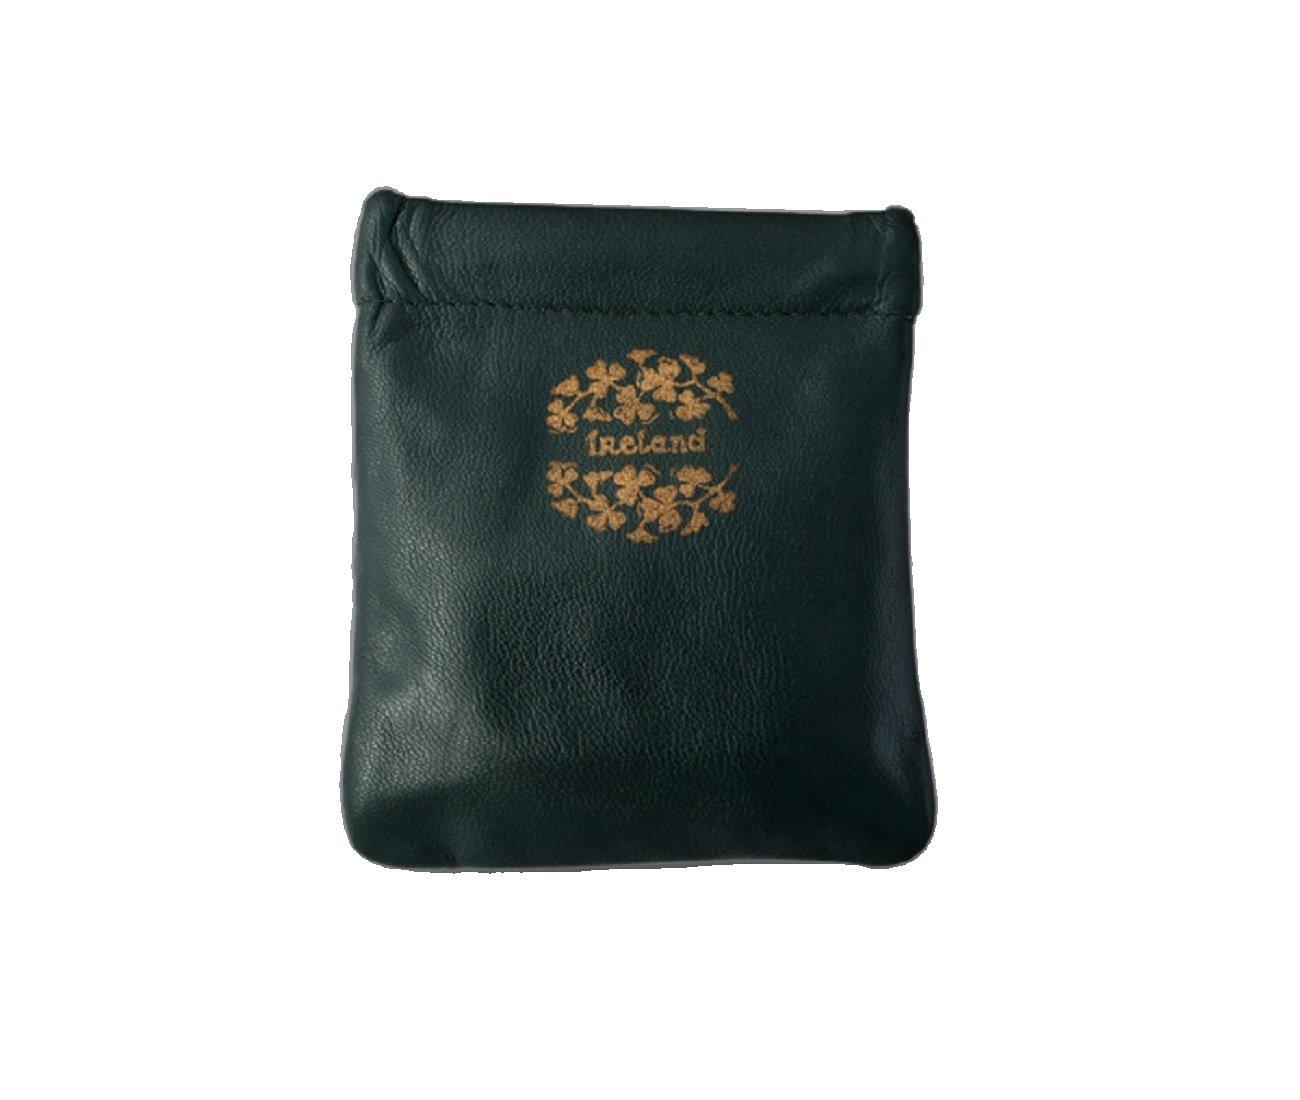 Celtic Leather Coin Purse Ireland & Shamrocks Squeeze Style Irish Made